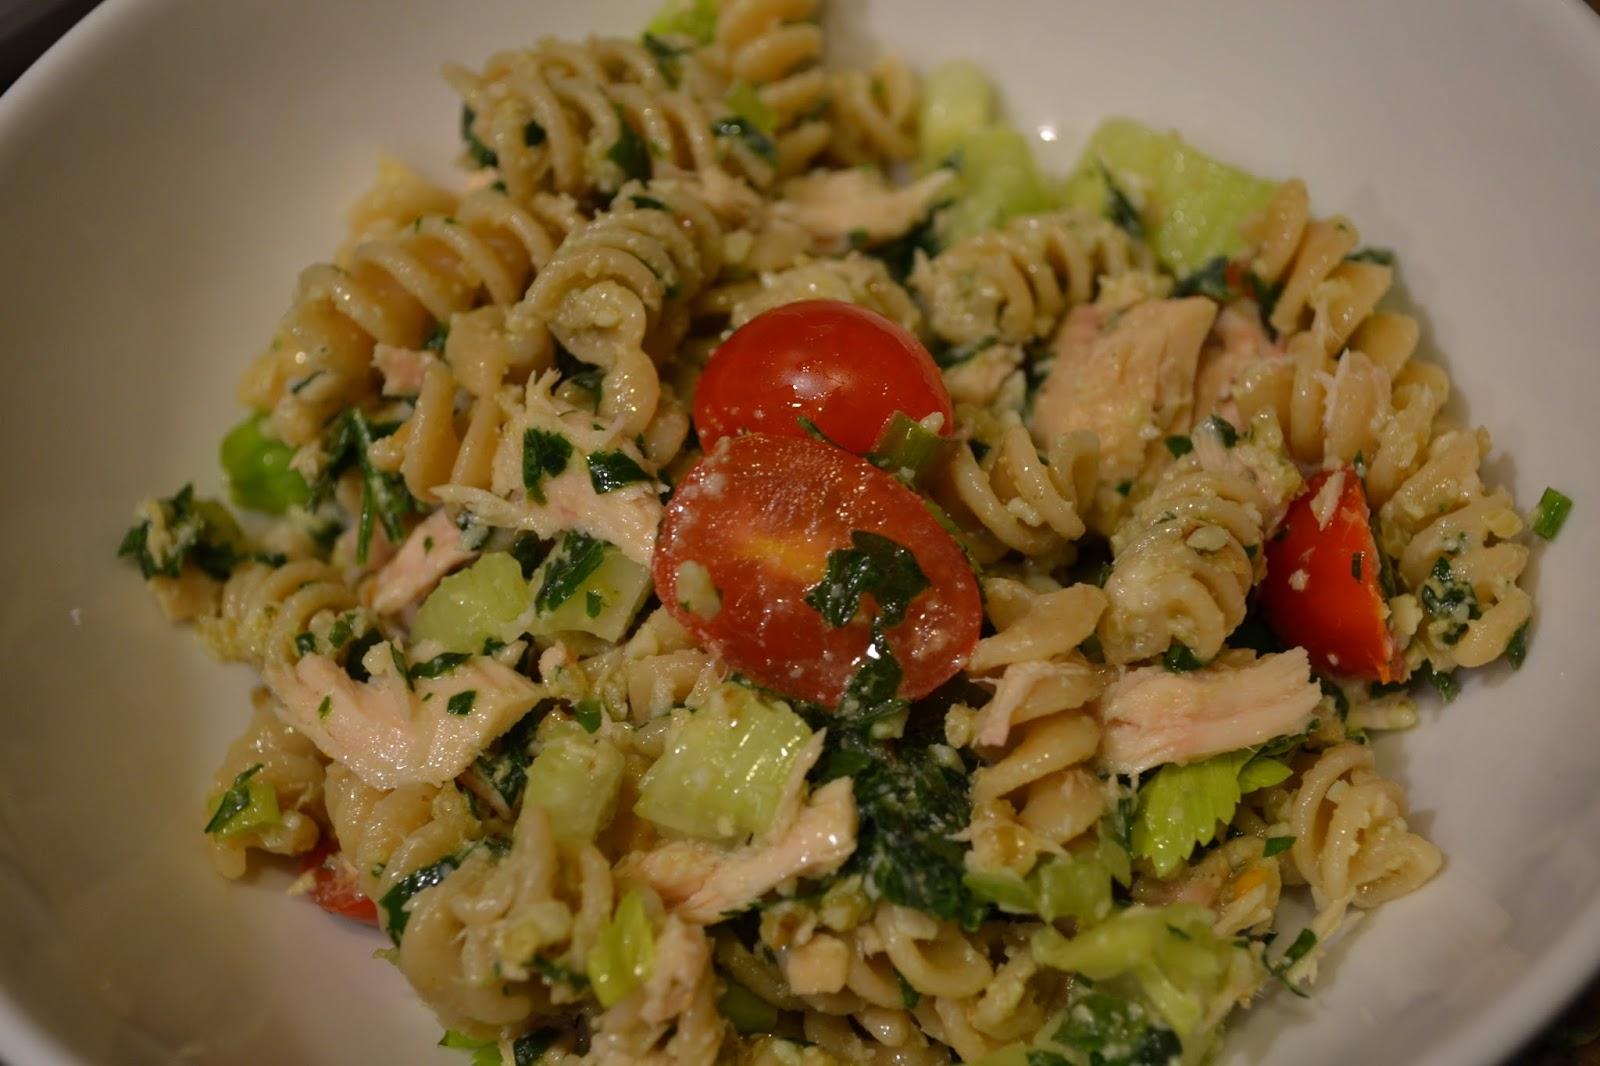 healthyeatsgirl walnut pesto tuna pasta salad perfect